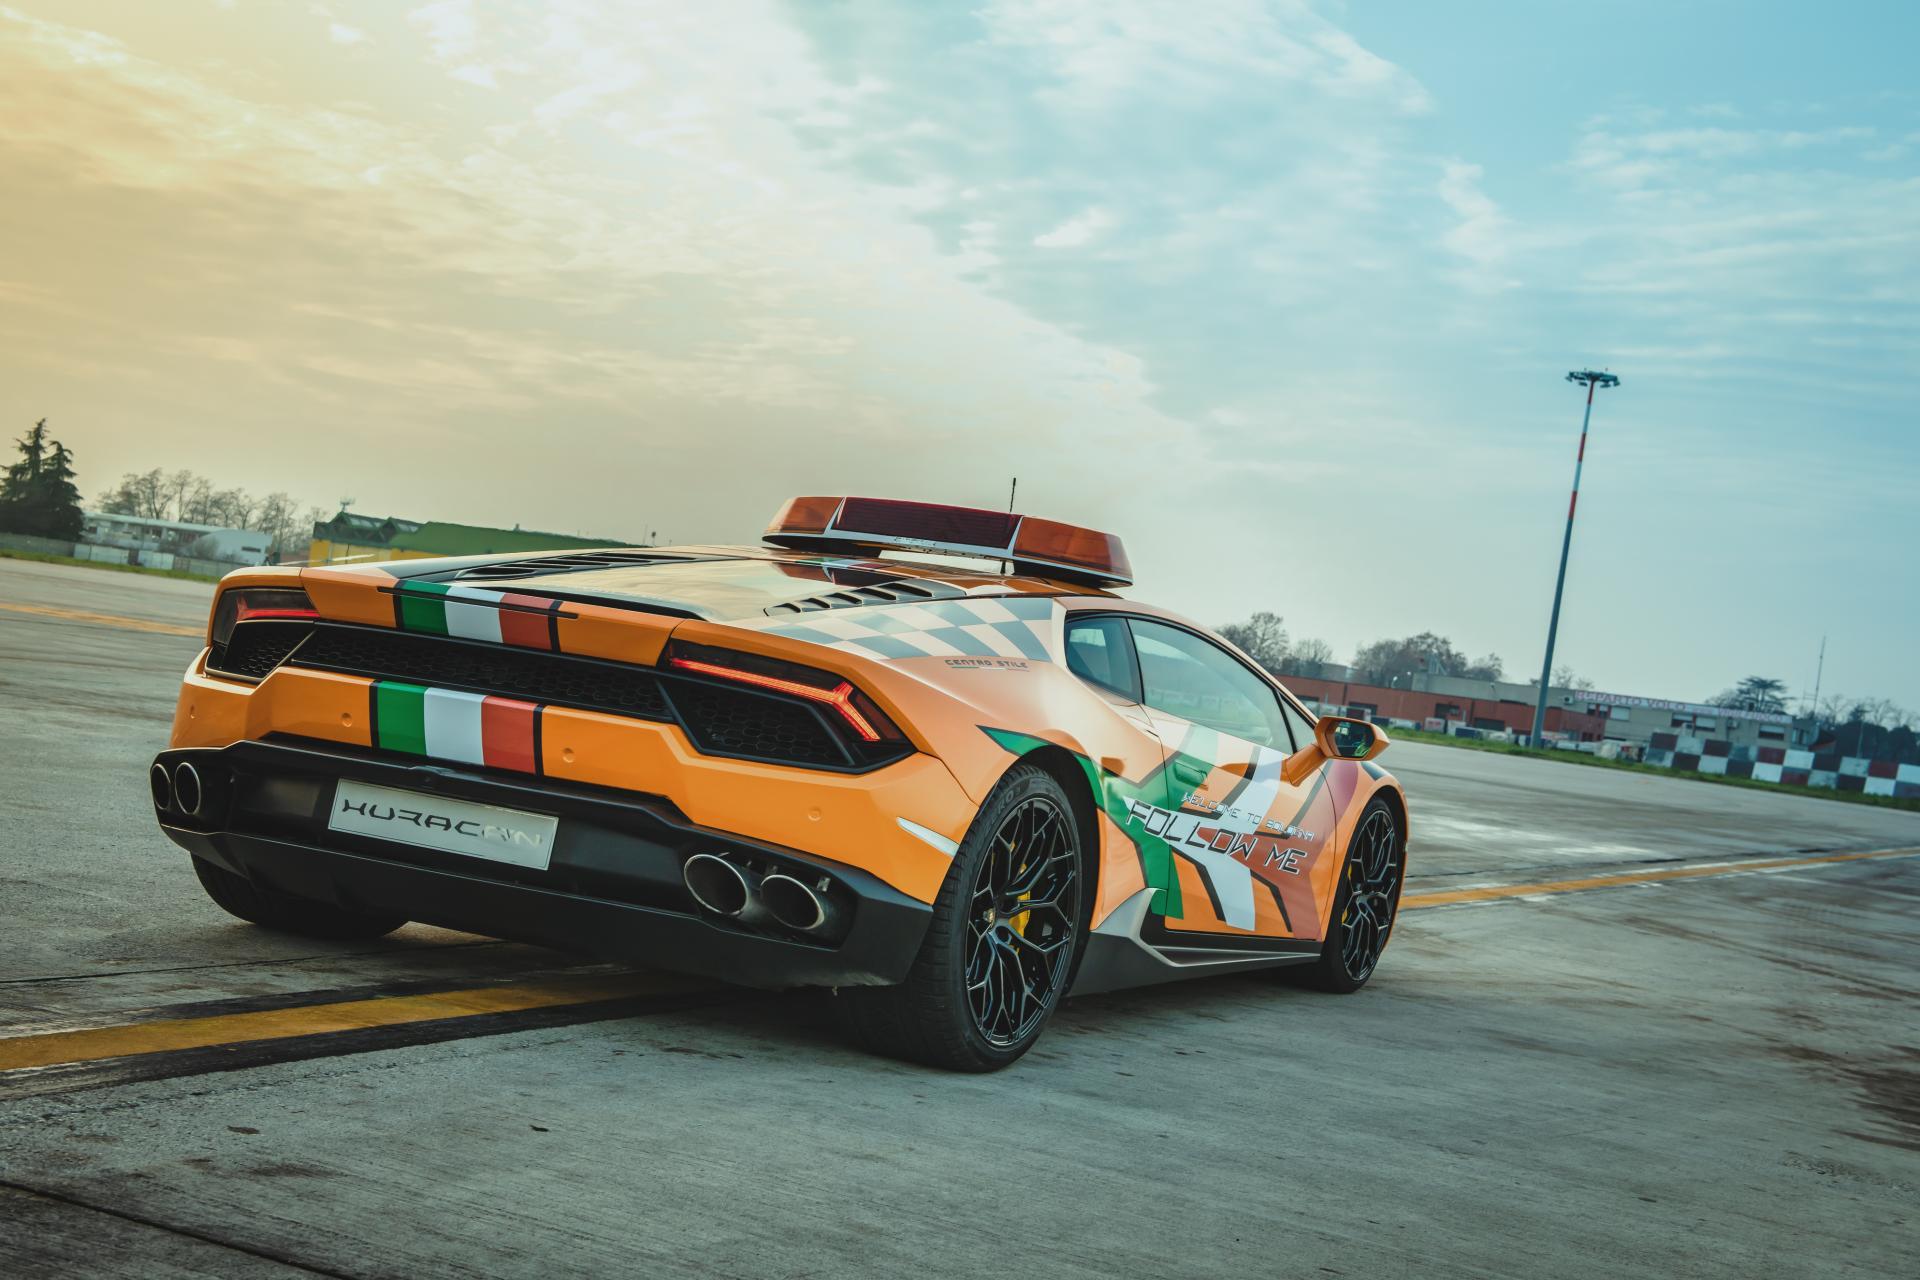 Lamborghini-Huracan-RWD-Follow-Me-Car-Bologna-Airport-7